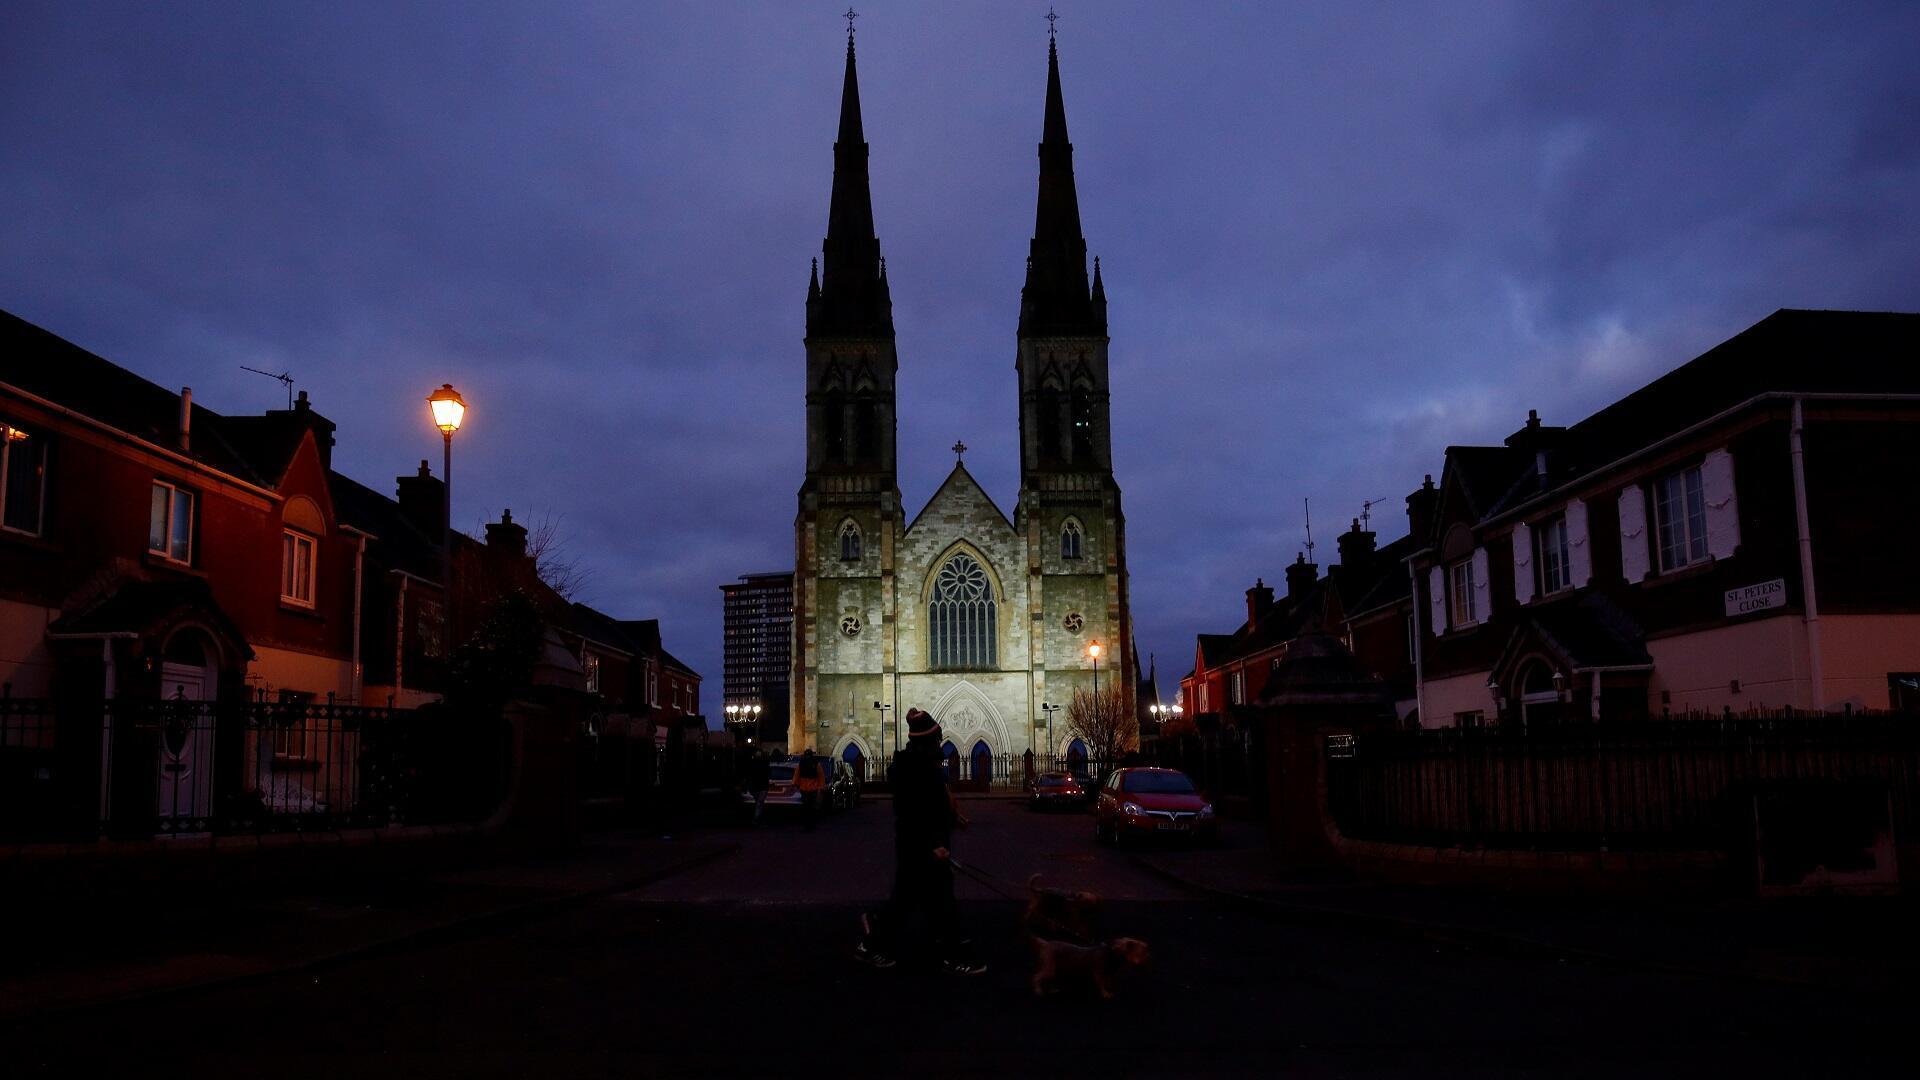 الساحة أمام كنيسة القديس بيتر بمدينة بلفاست البريطانية في إيرلندا الشمالية شبه خالية من الزوار والمصلين بسبب فيروس كورونا، 31 مارس/آذار 2020.